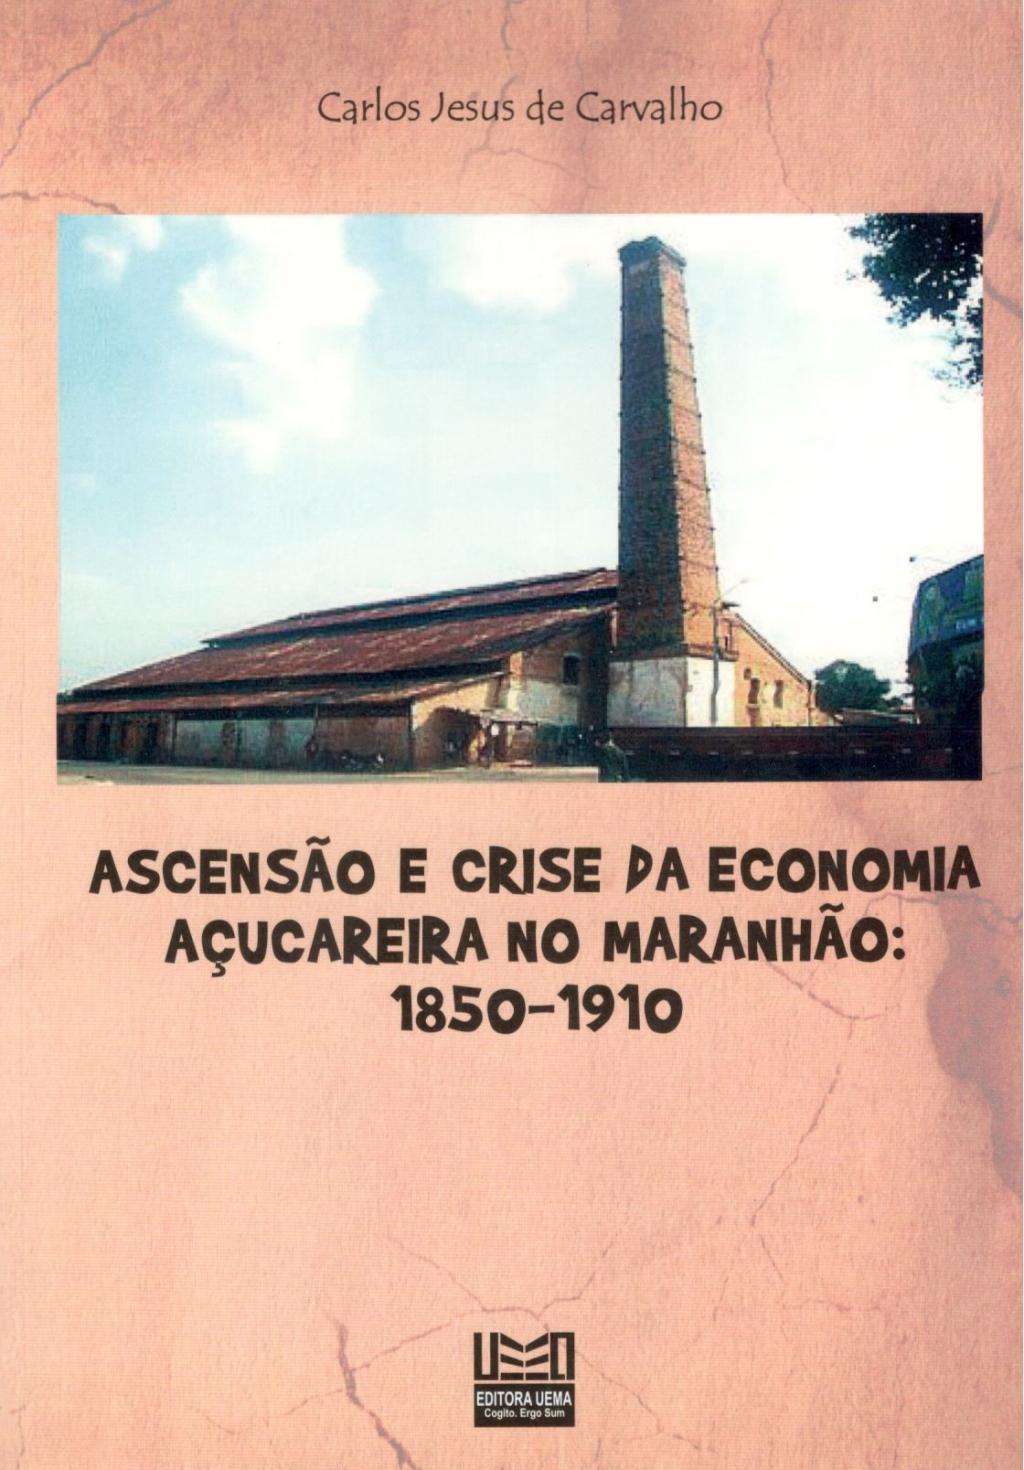 Ascensão e crise da economia açucareira no Maranhão: 1850-1910 (DISPONÍVEL PARA DOWNLOAD)